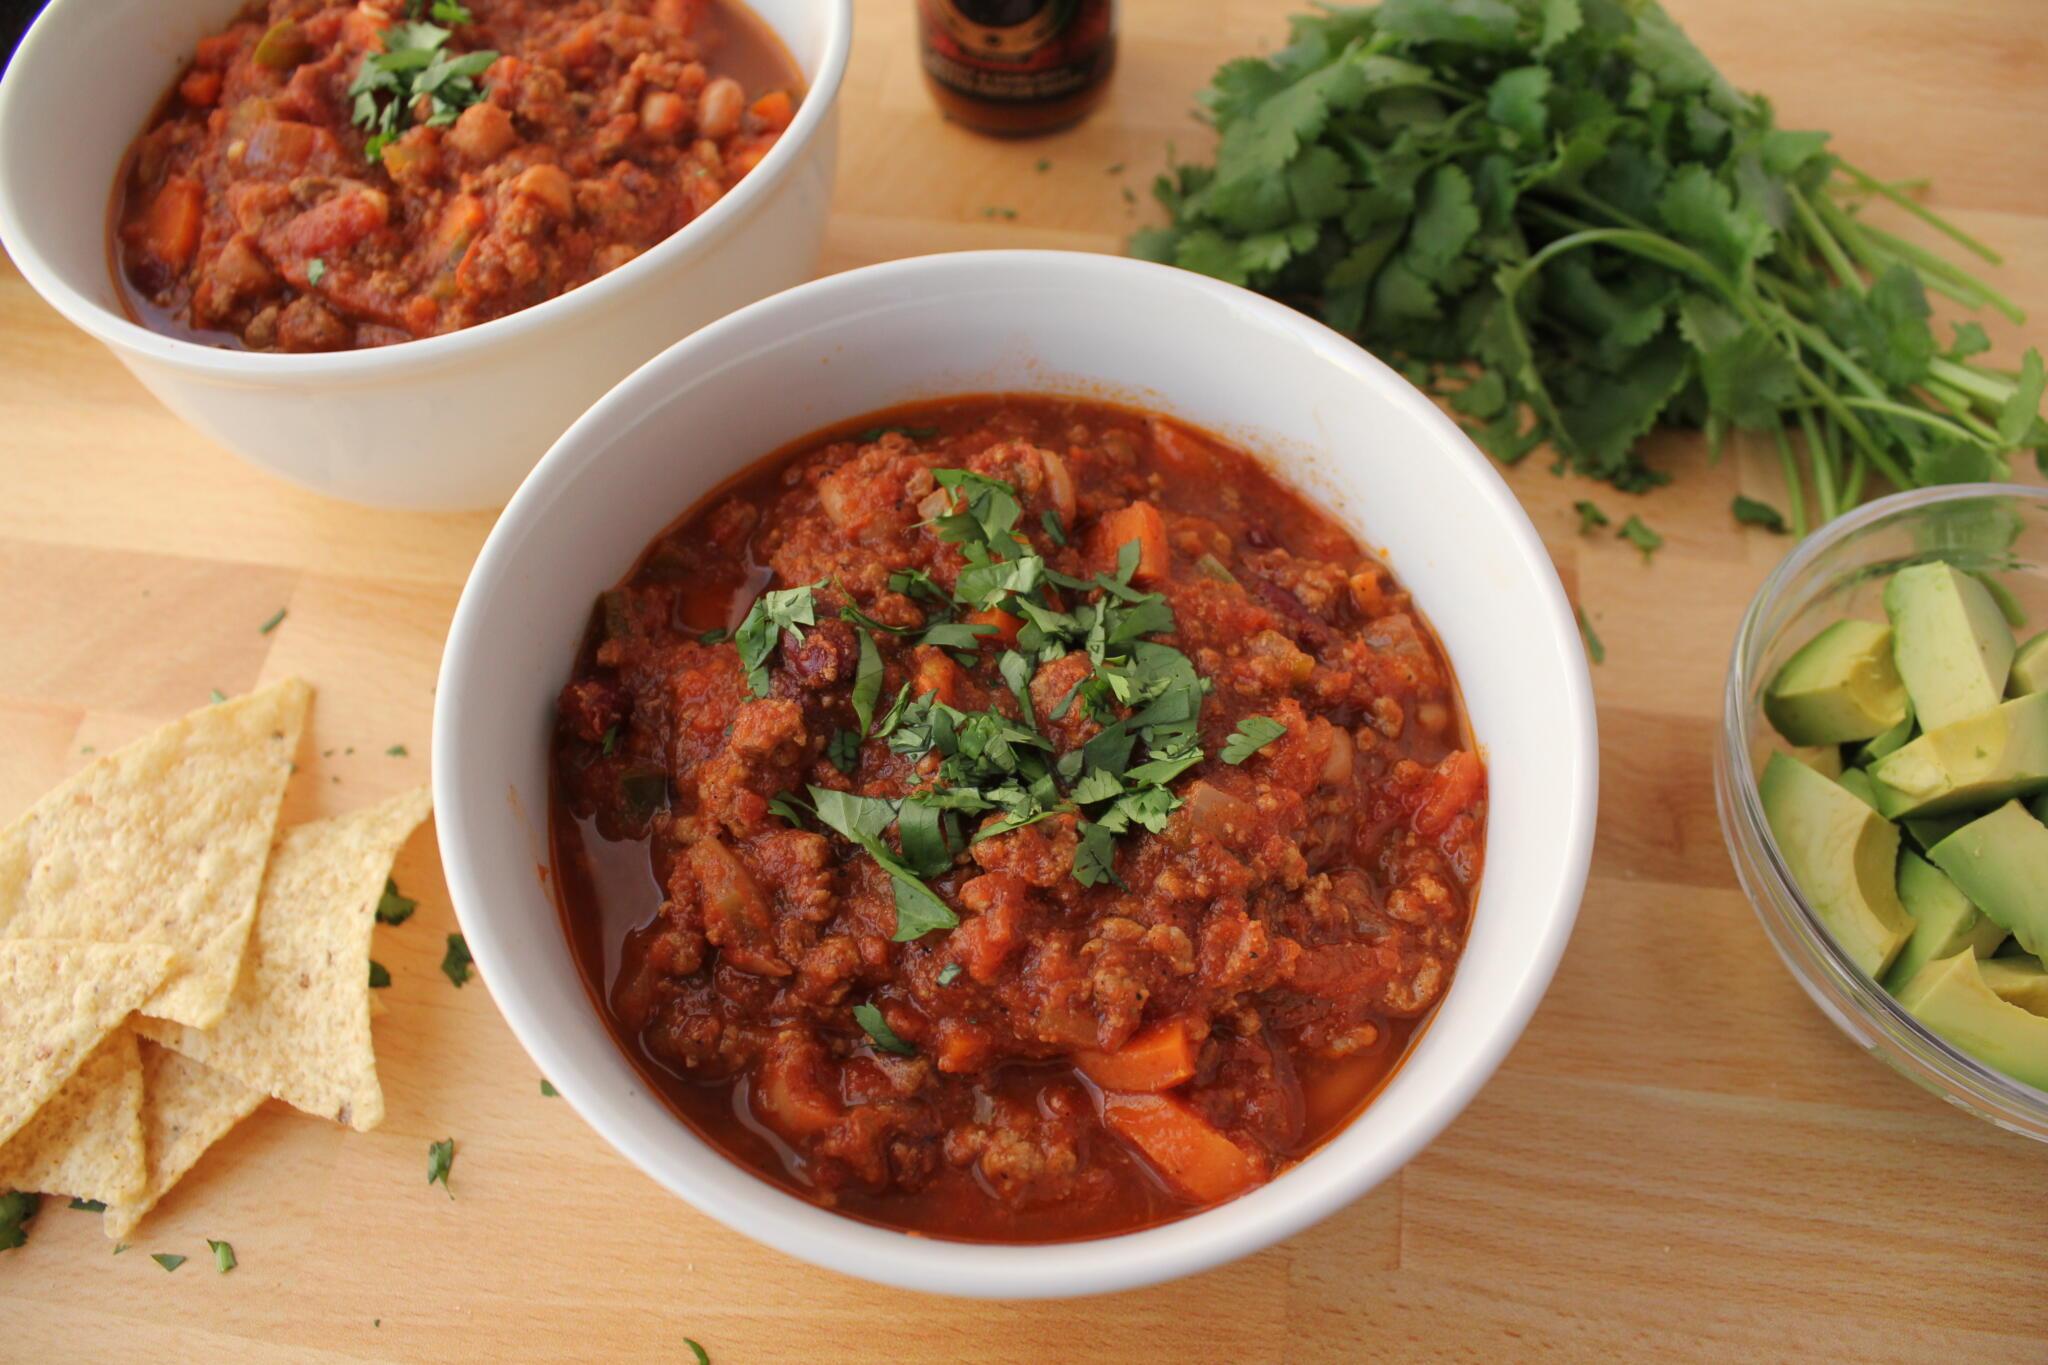 Big Batch Chili Recipe